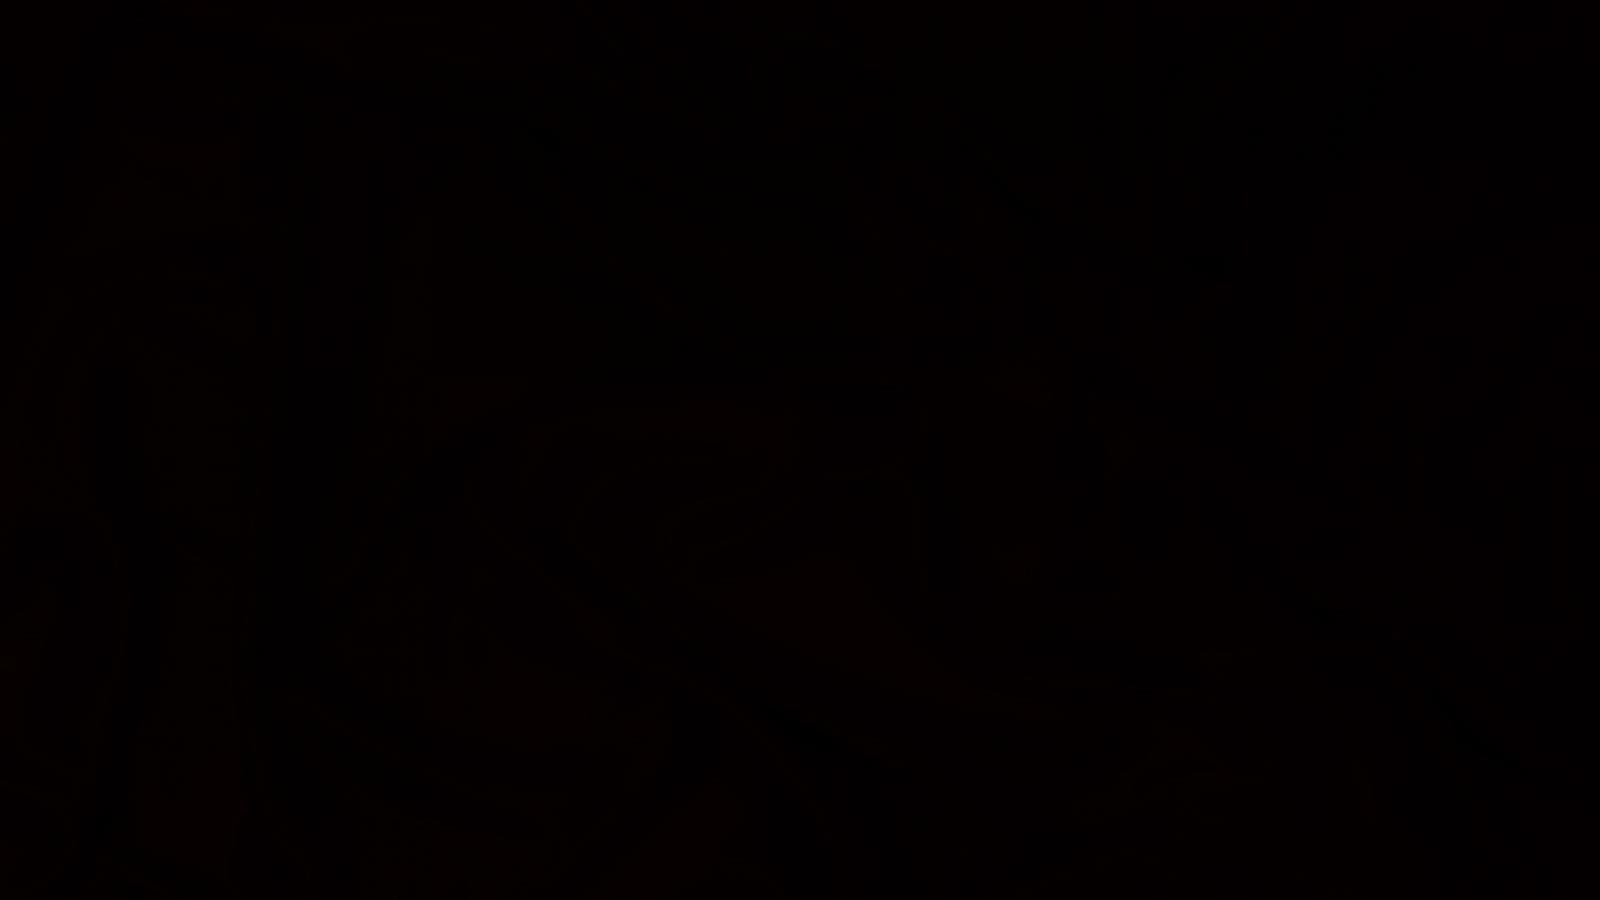 [49+] Black Screen Wallpaper on WallpaperSafari